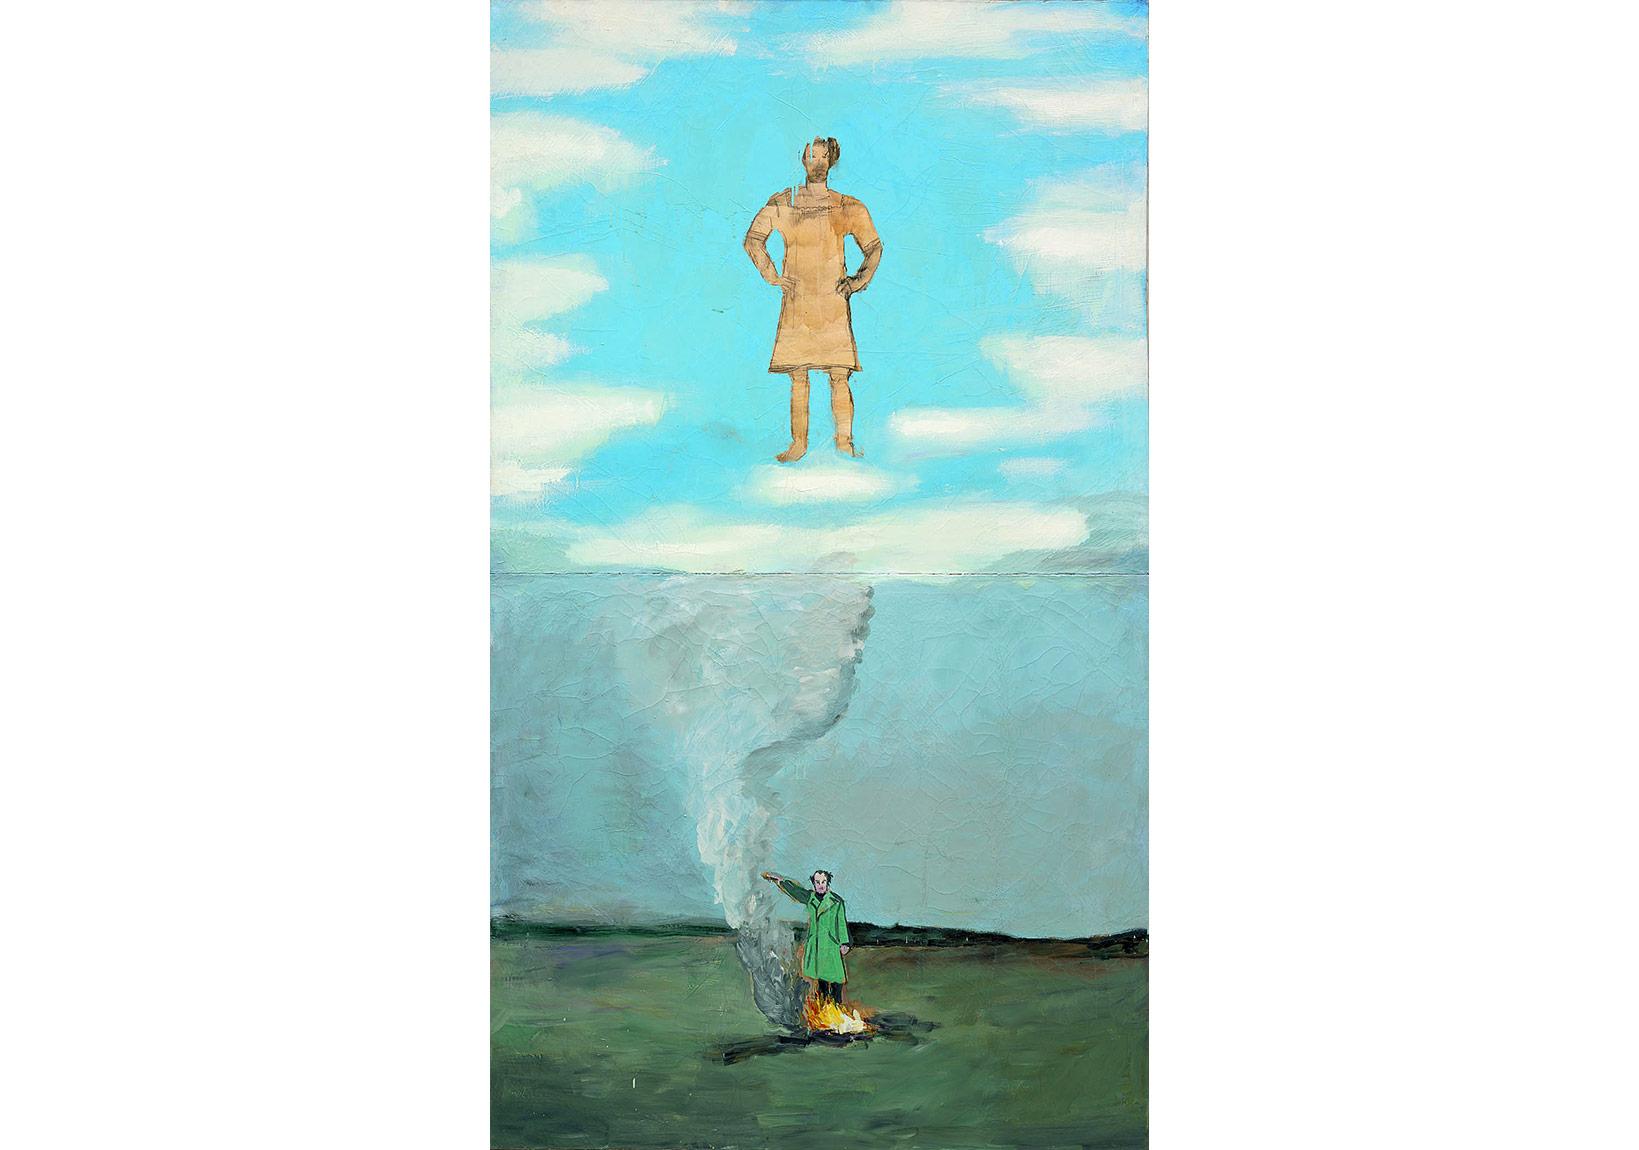 Heroisches Sinnbild I [Symbole héroïque I], 1969-1970 Huile et fusain sur toile260,5 x 150 cmCollection Würth, KünzelsauPhoto: © Jörg von Bruchhausen, Berlin